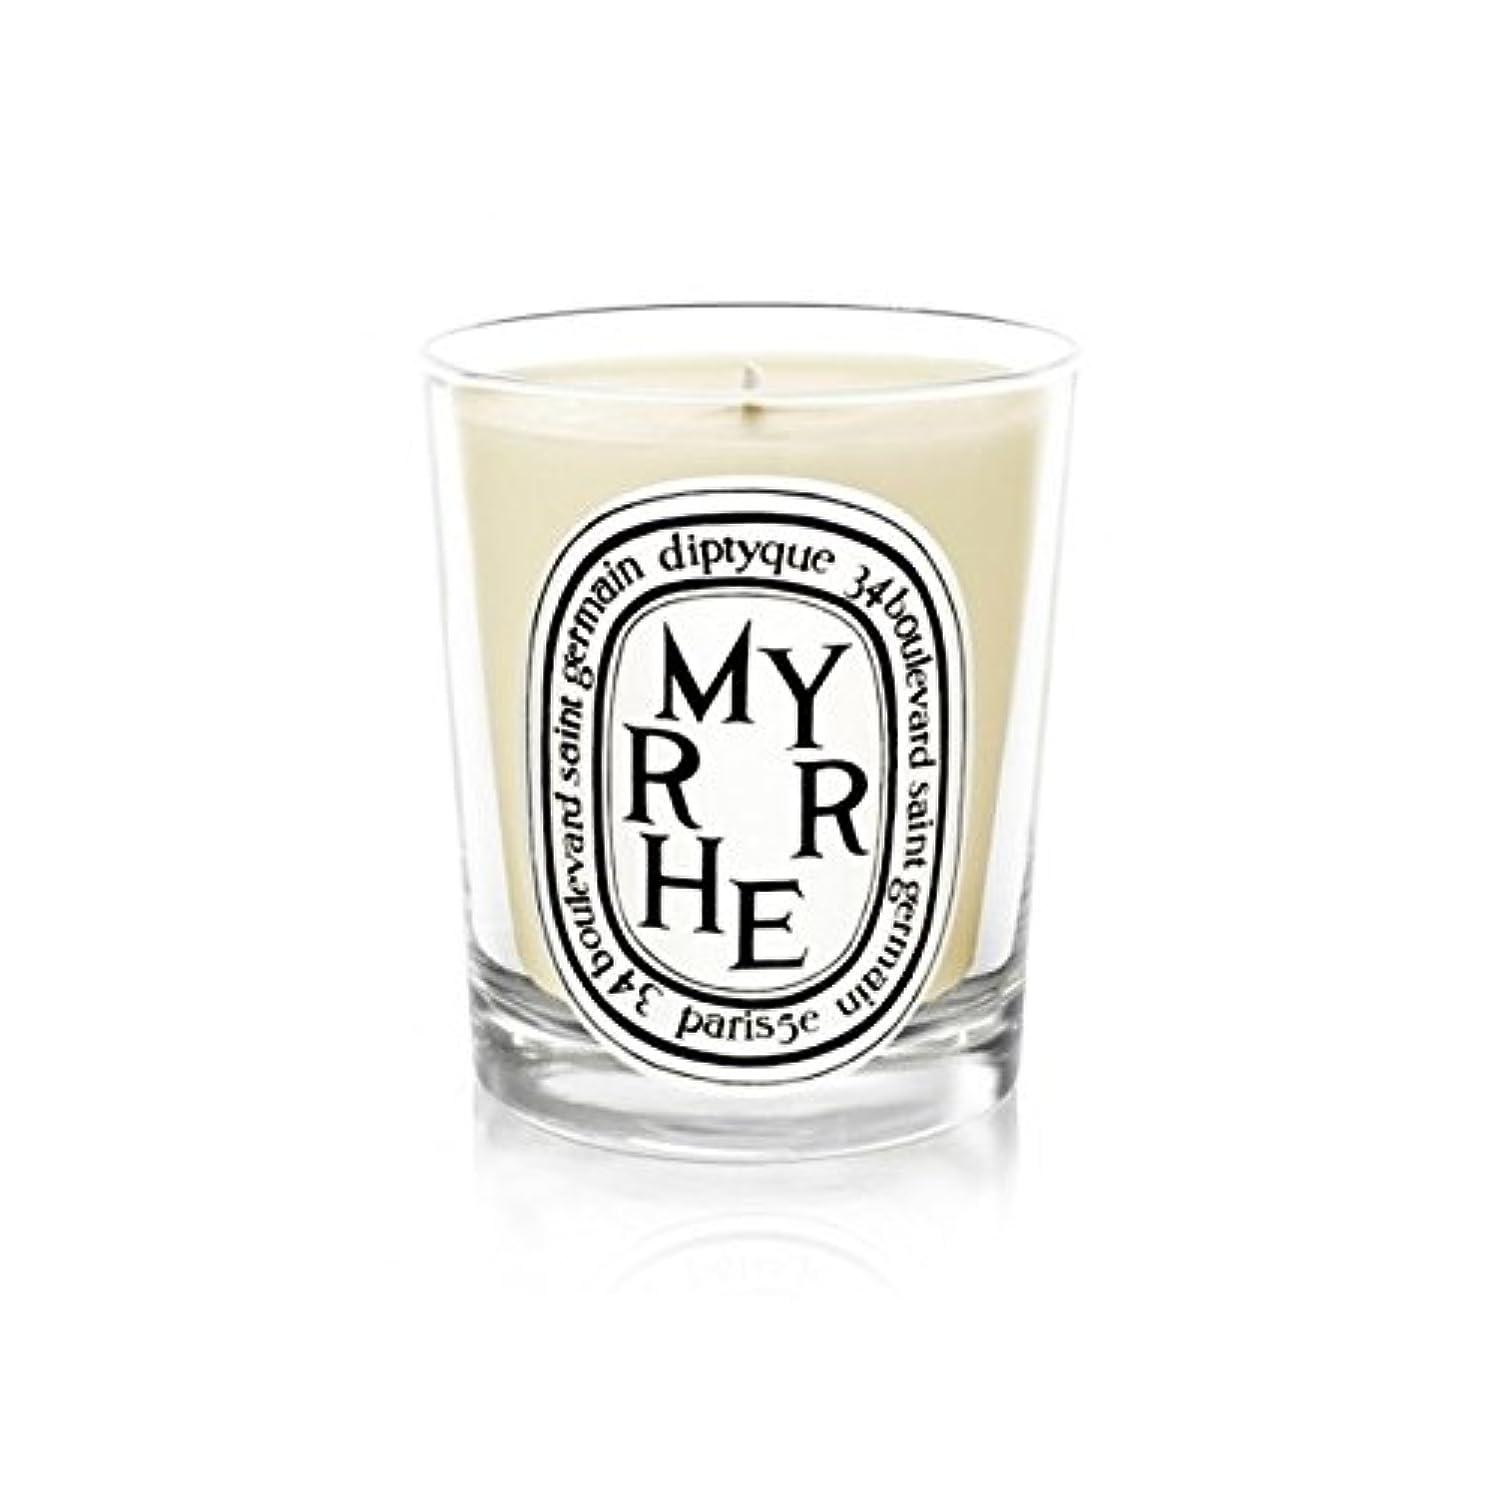 にレタッチ動揺させるDiptyqueキャンドルMyrrhe /ミルラの190グラム - Diptyque Candle Myrrhe / Myrrh 190g (Diptyque) [並行輸入品]